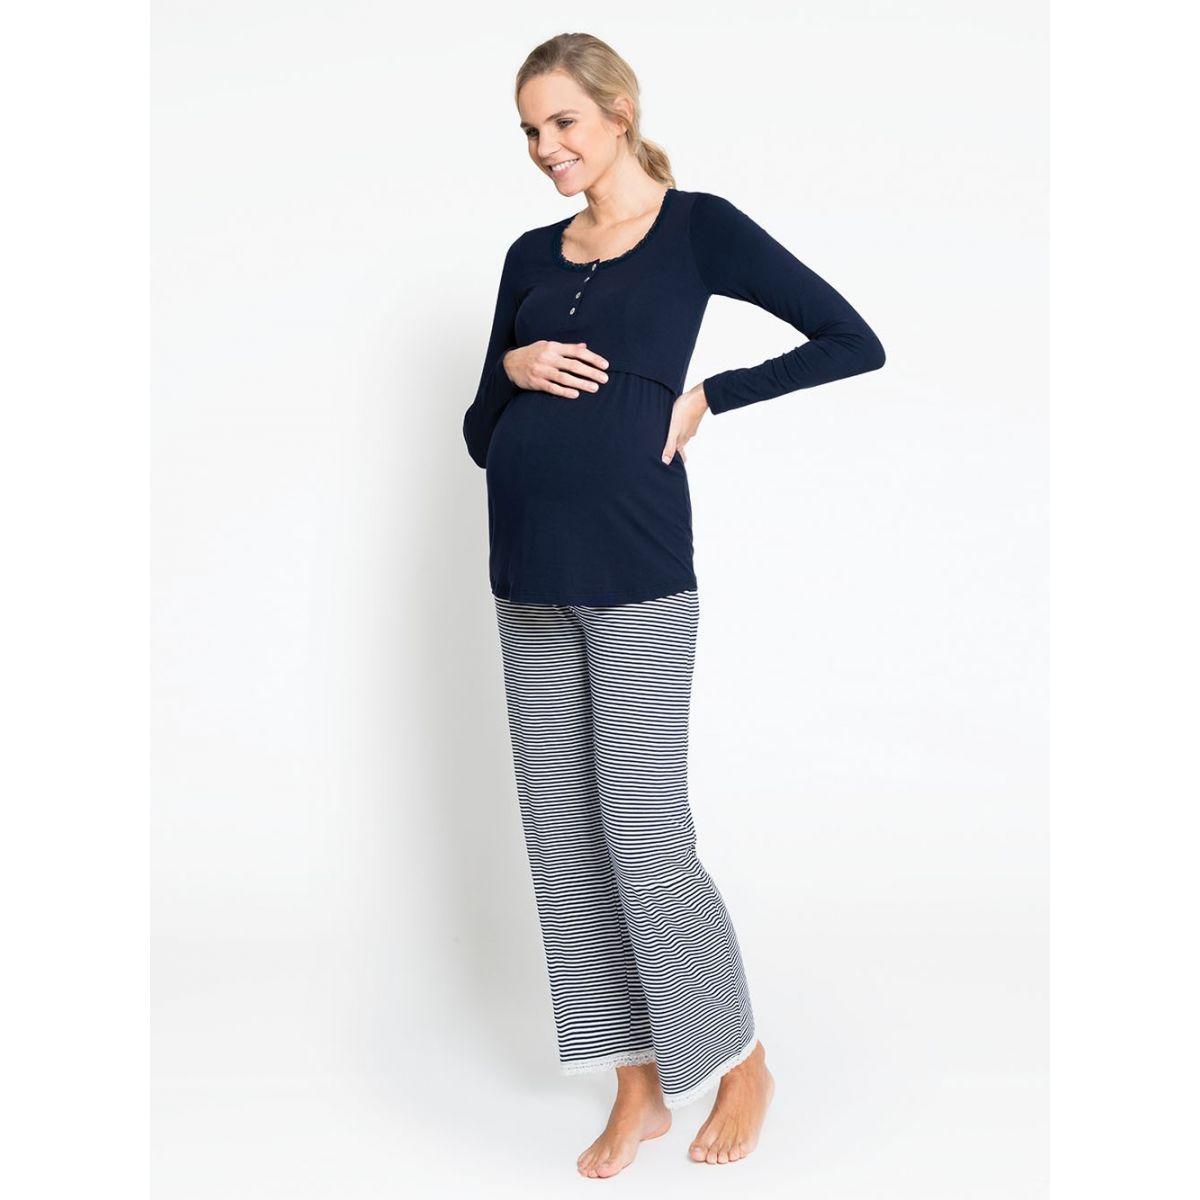 facc2d401 Camiseta de Pijama Embarazo y Lactancia - ShopMami